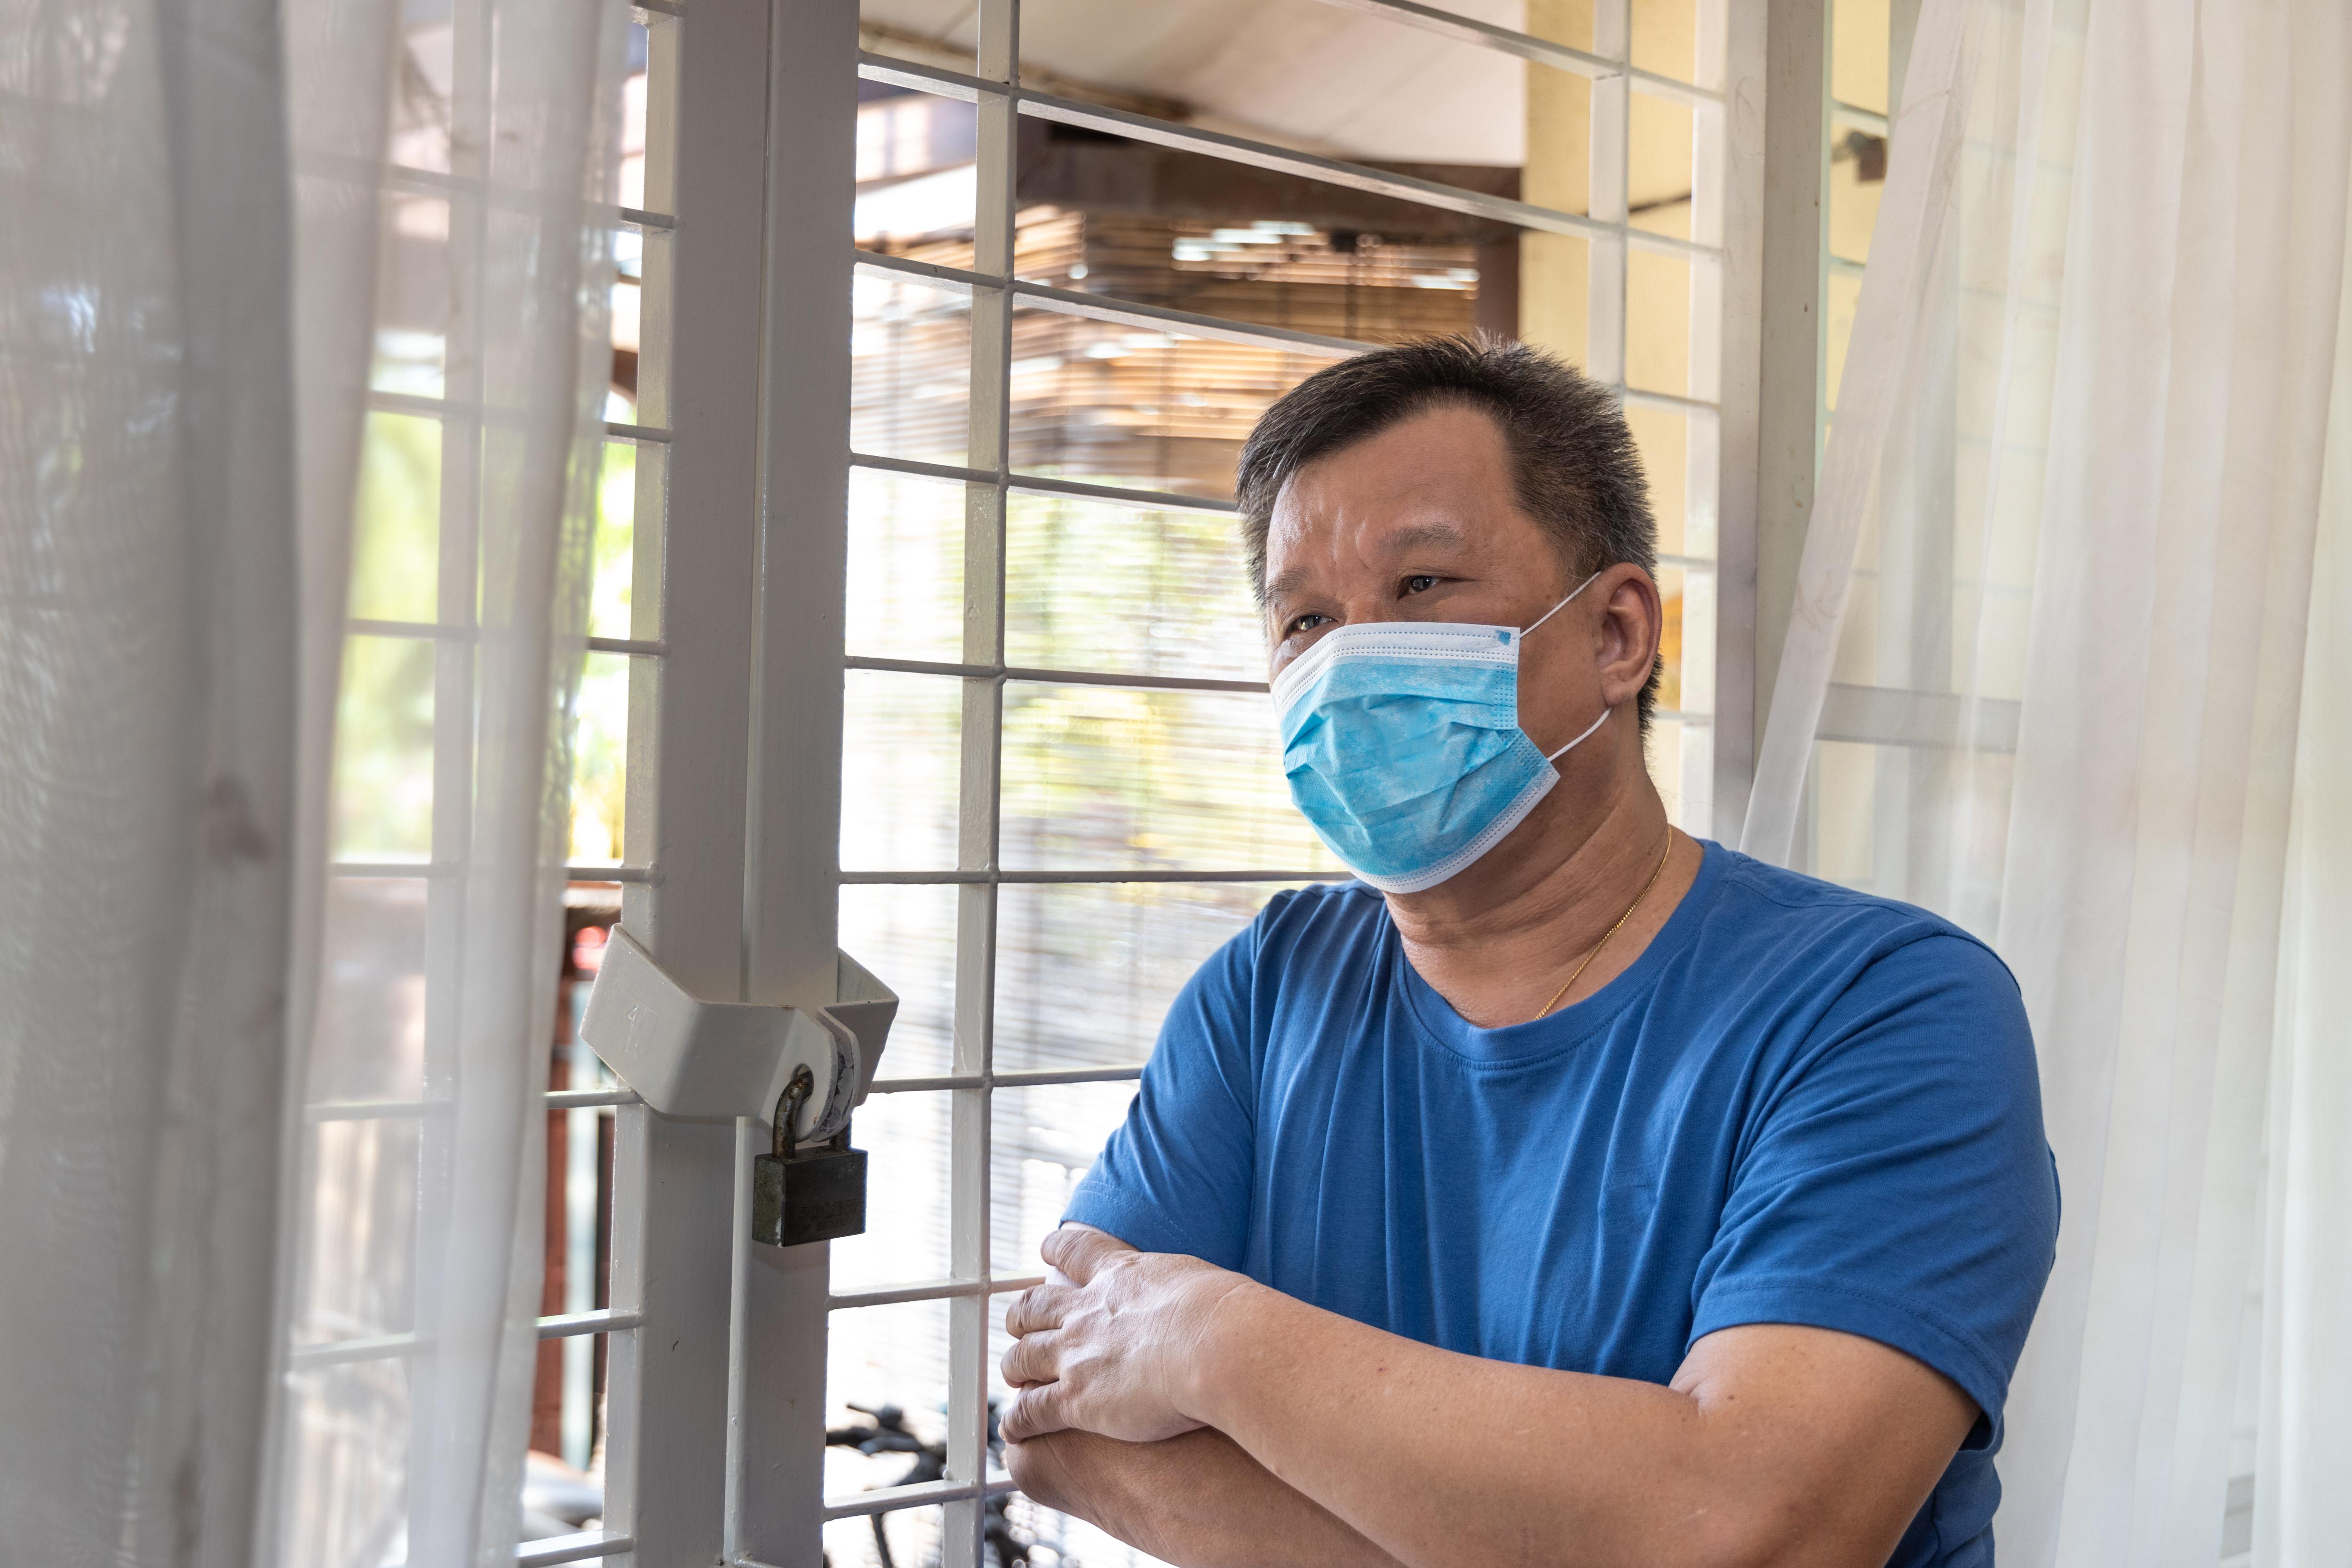 อยู่บ้านเดียวกัน กักตัว 14 วัน ทำอย่างไร thaihealth